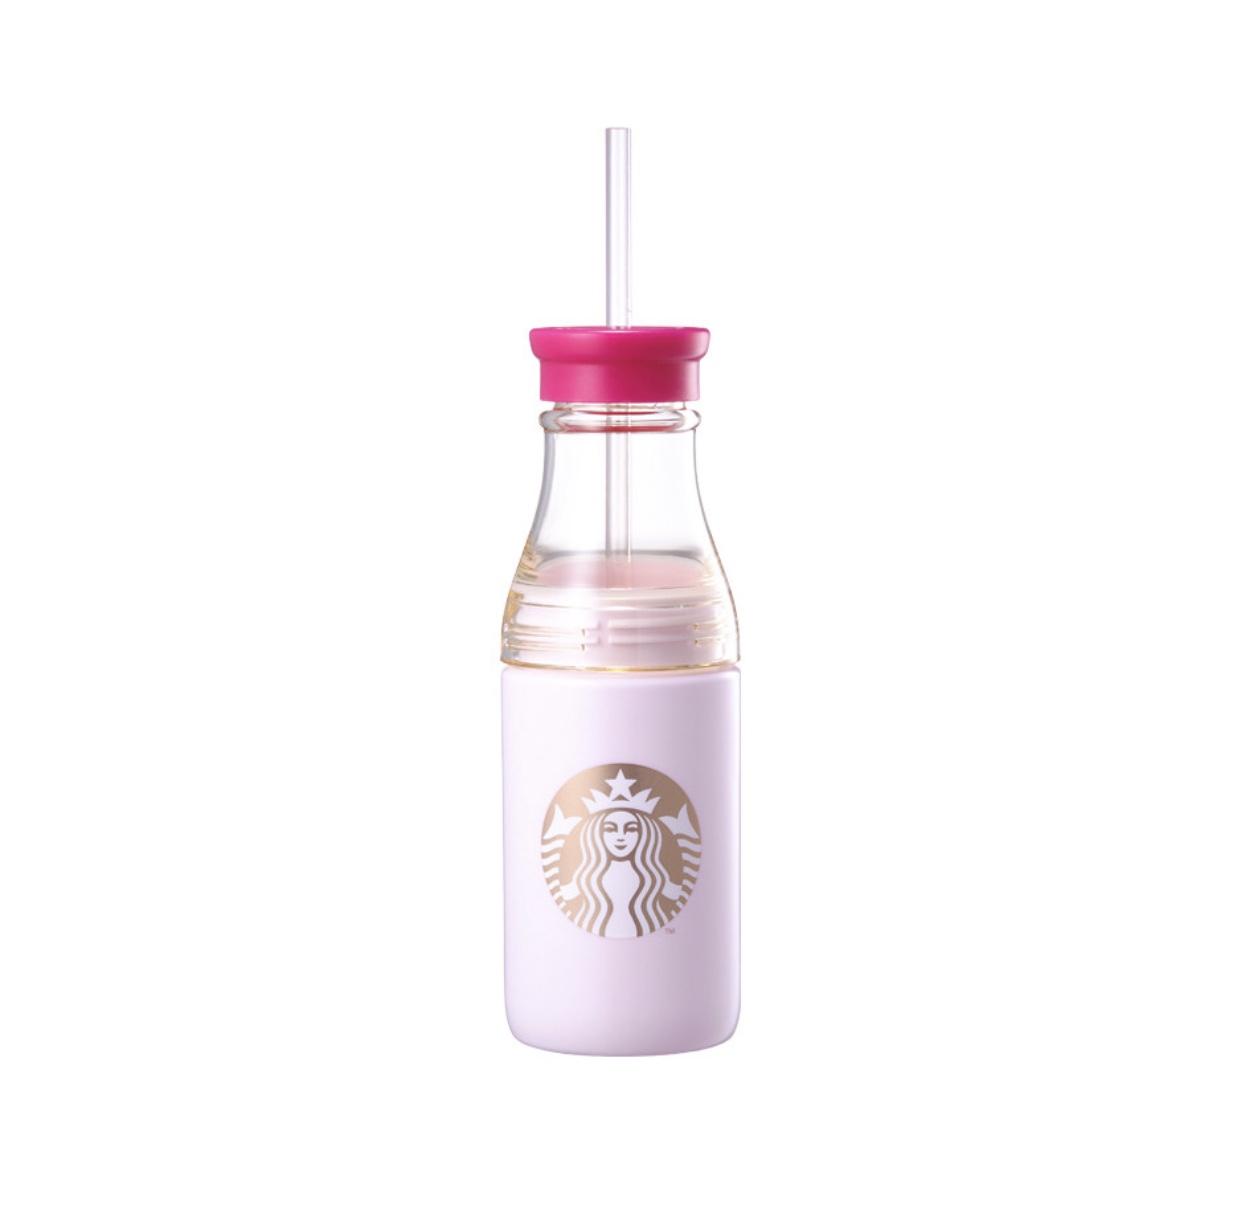 バレンタインピンク サニーストロー ウォーターボトル